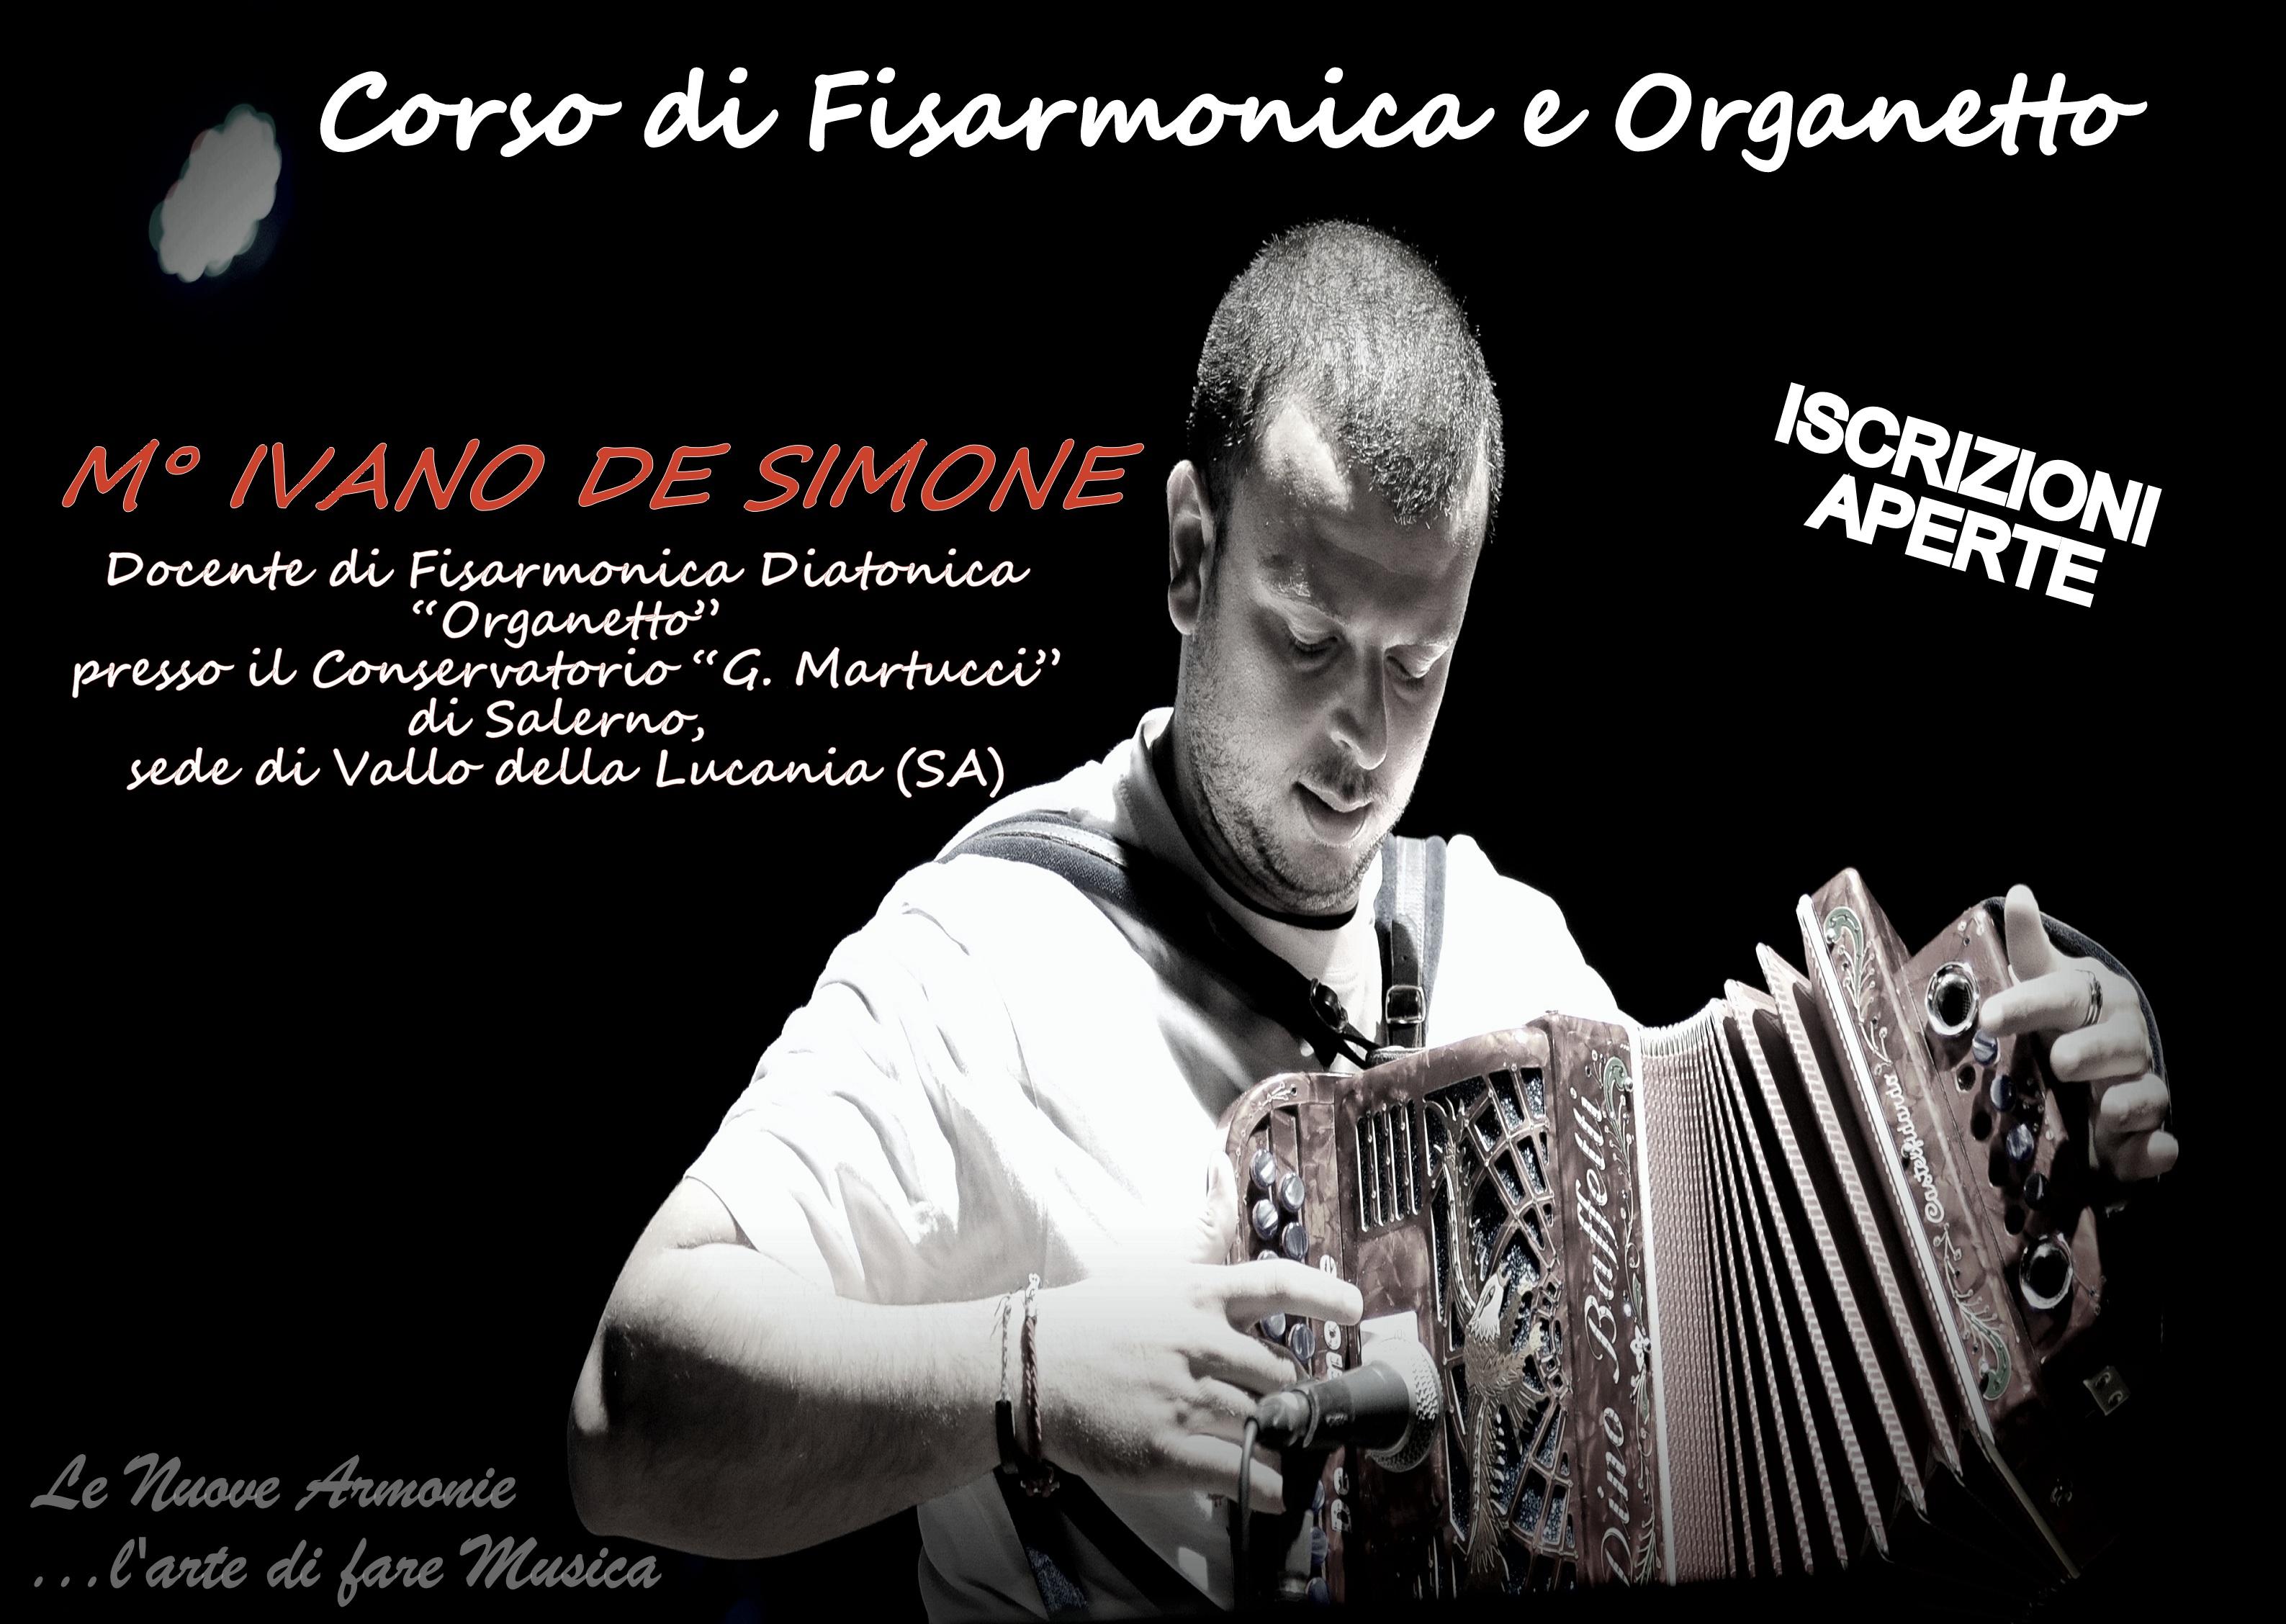 Fisarmonica e Organetto